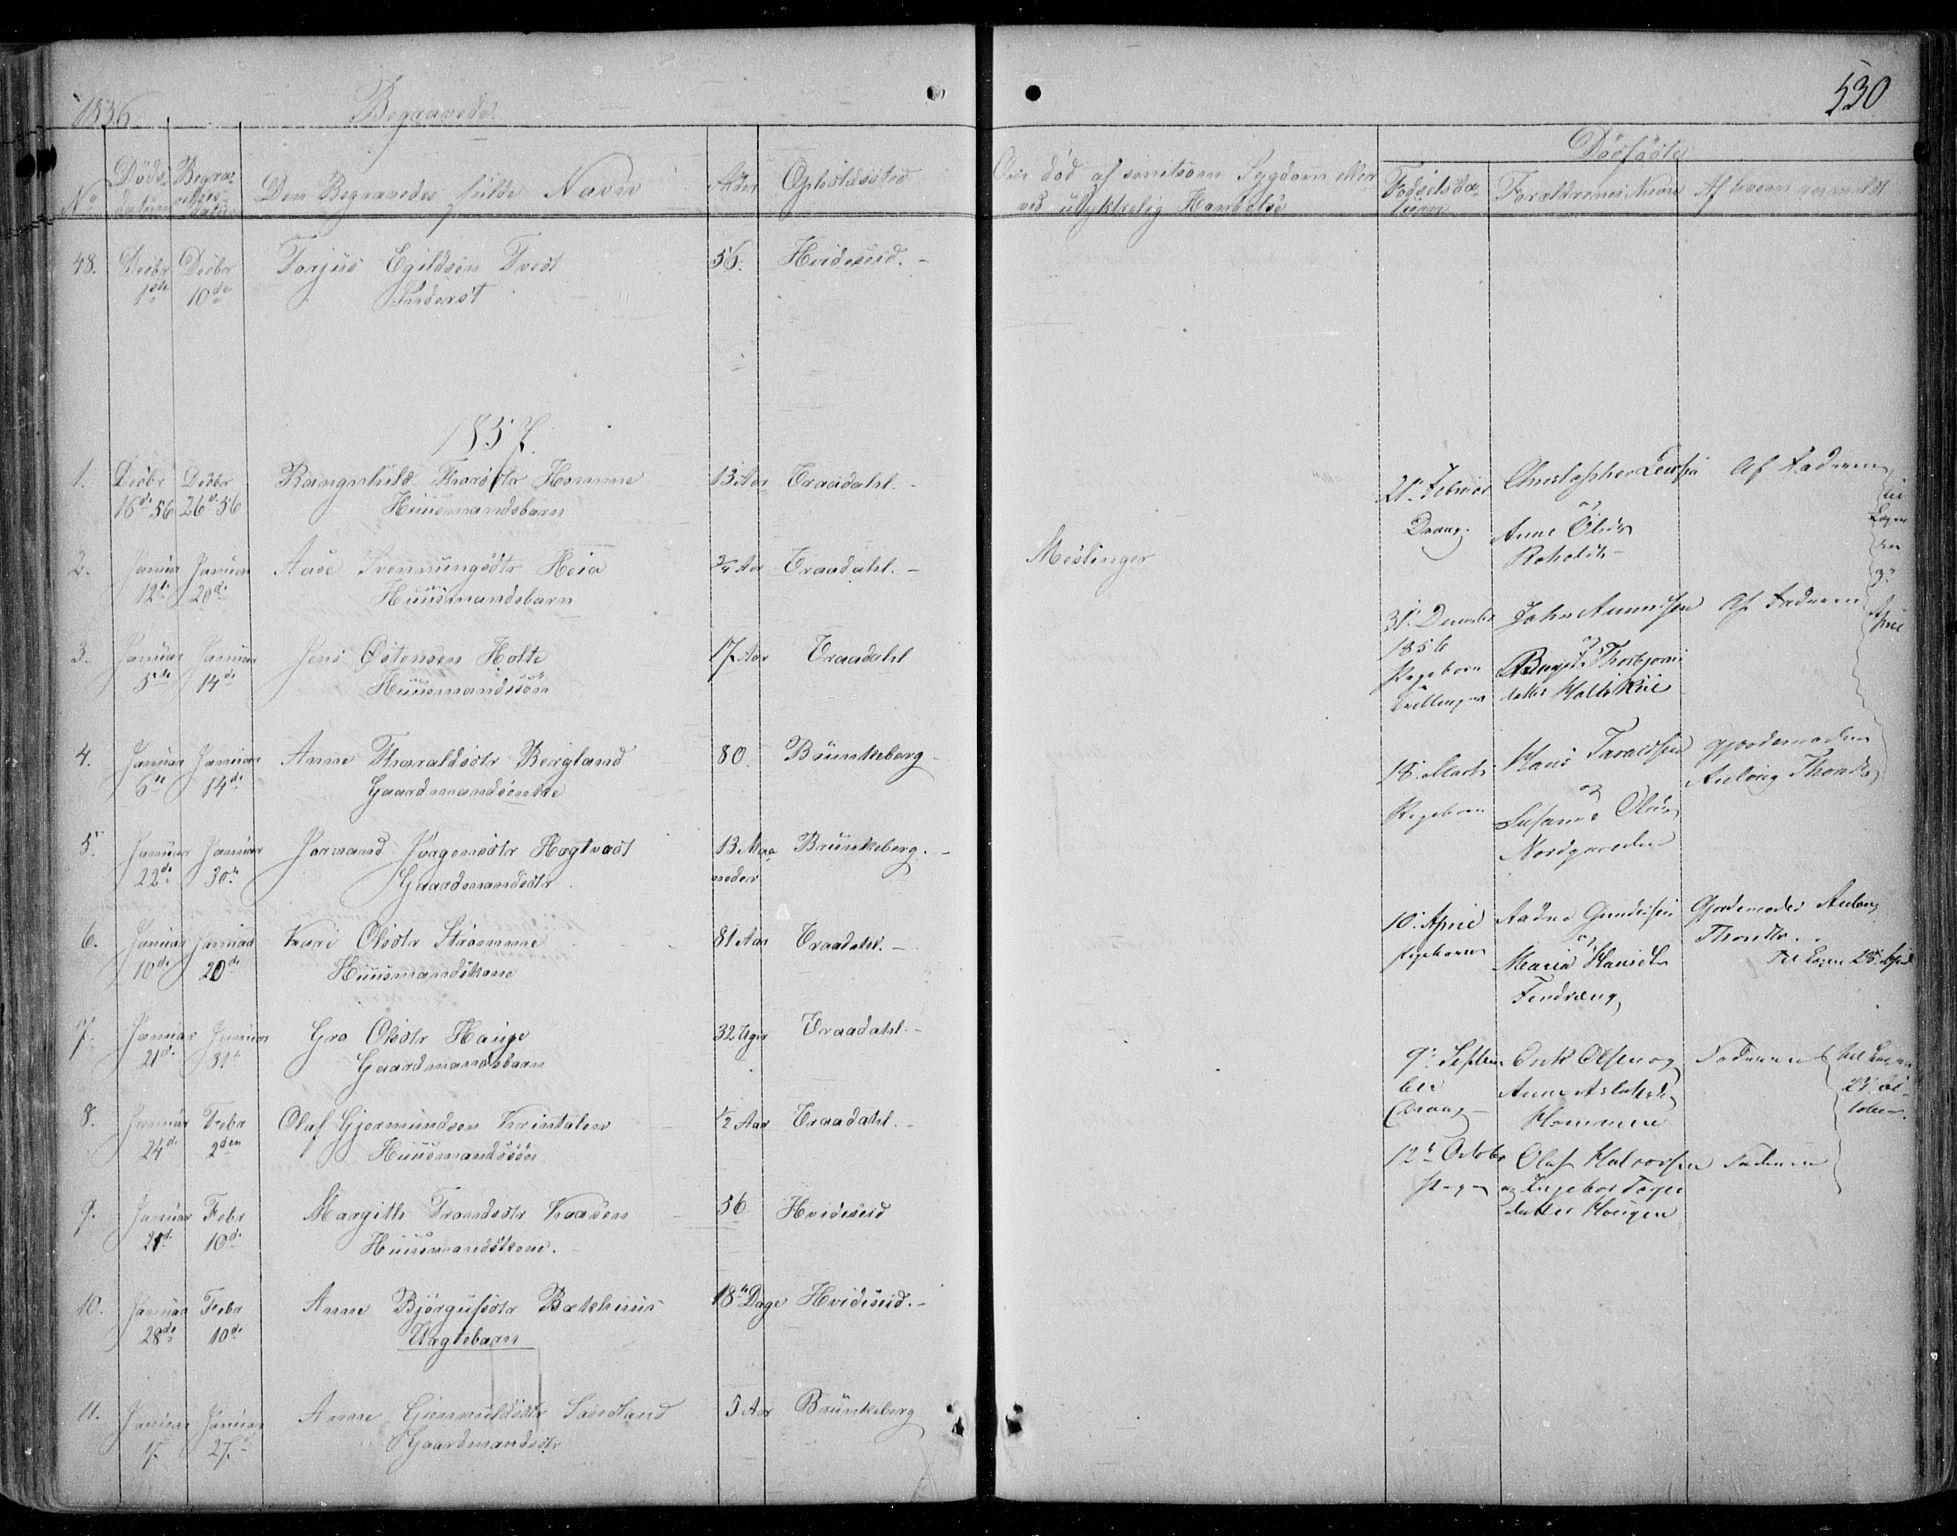 SAKO, Kviteseid kirkebøker, F/Fa/L0006: Ministerialbok nr. I 6, 1836-1858, s. 530